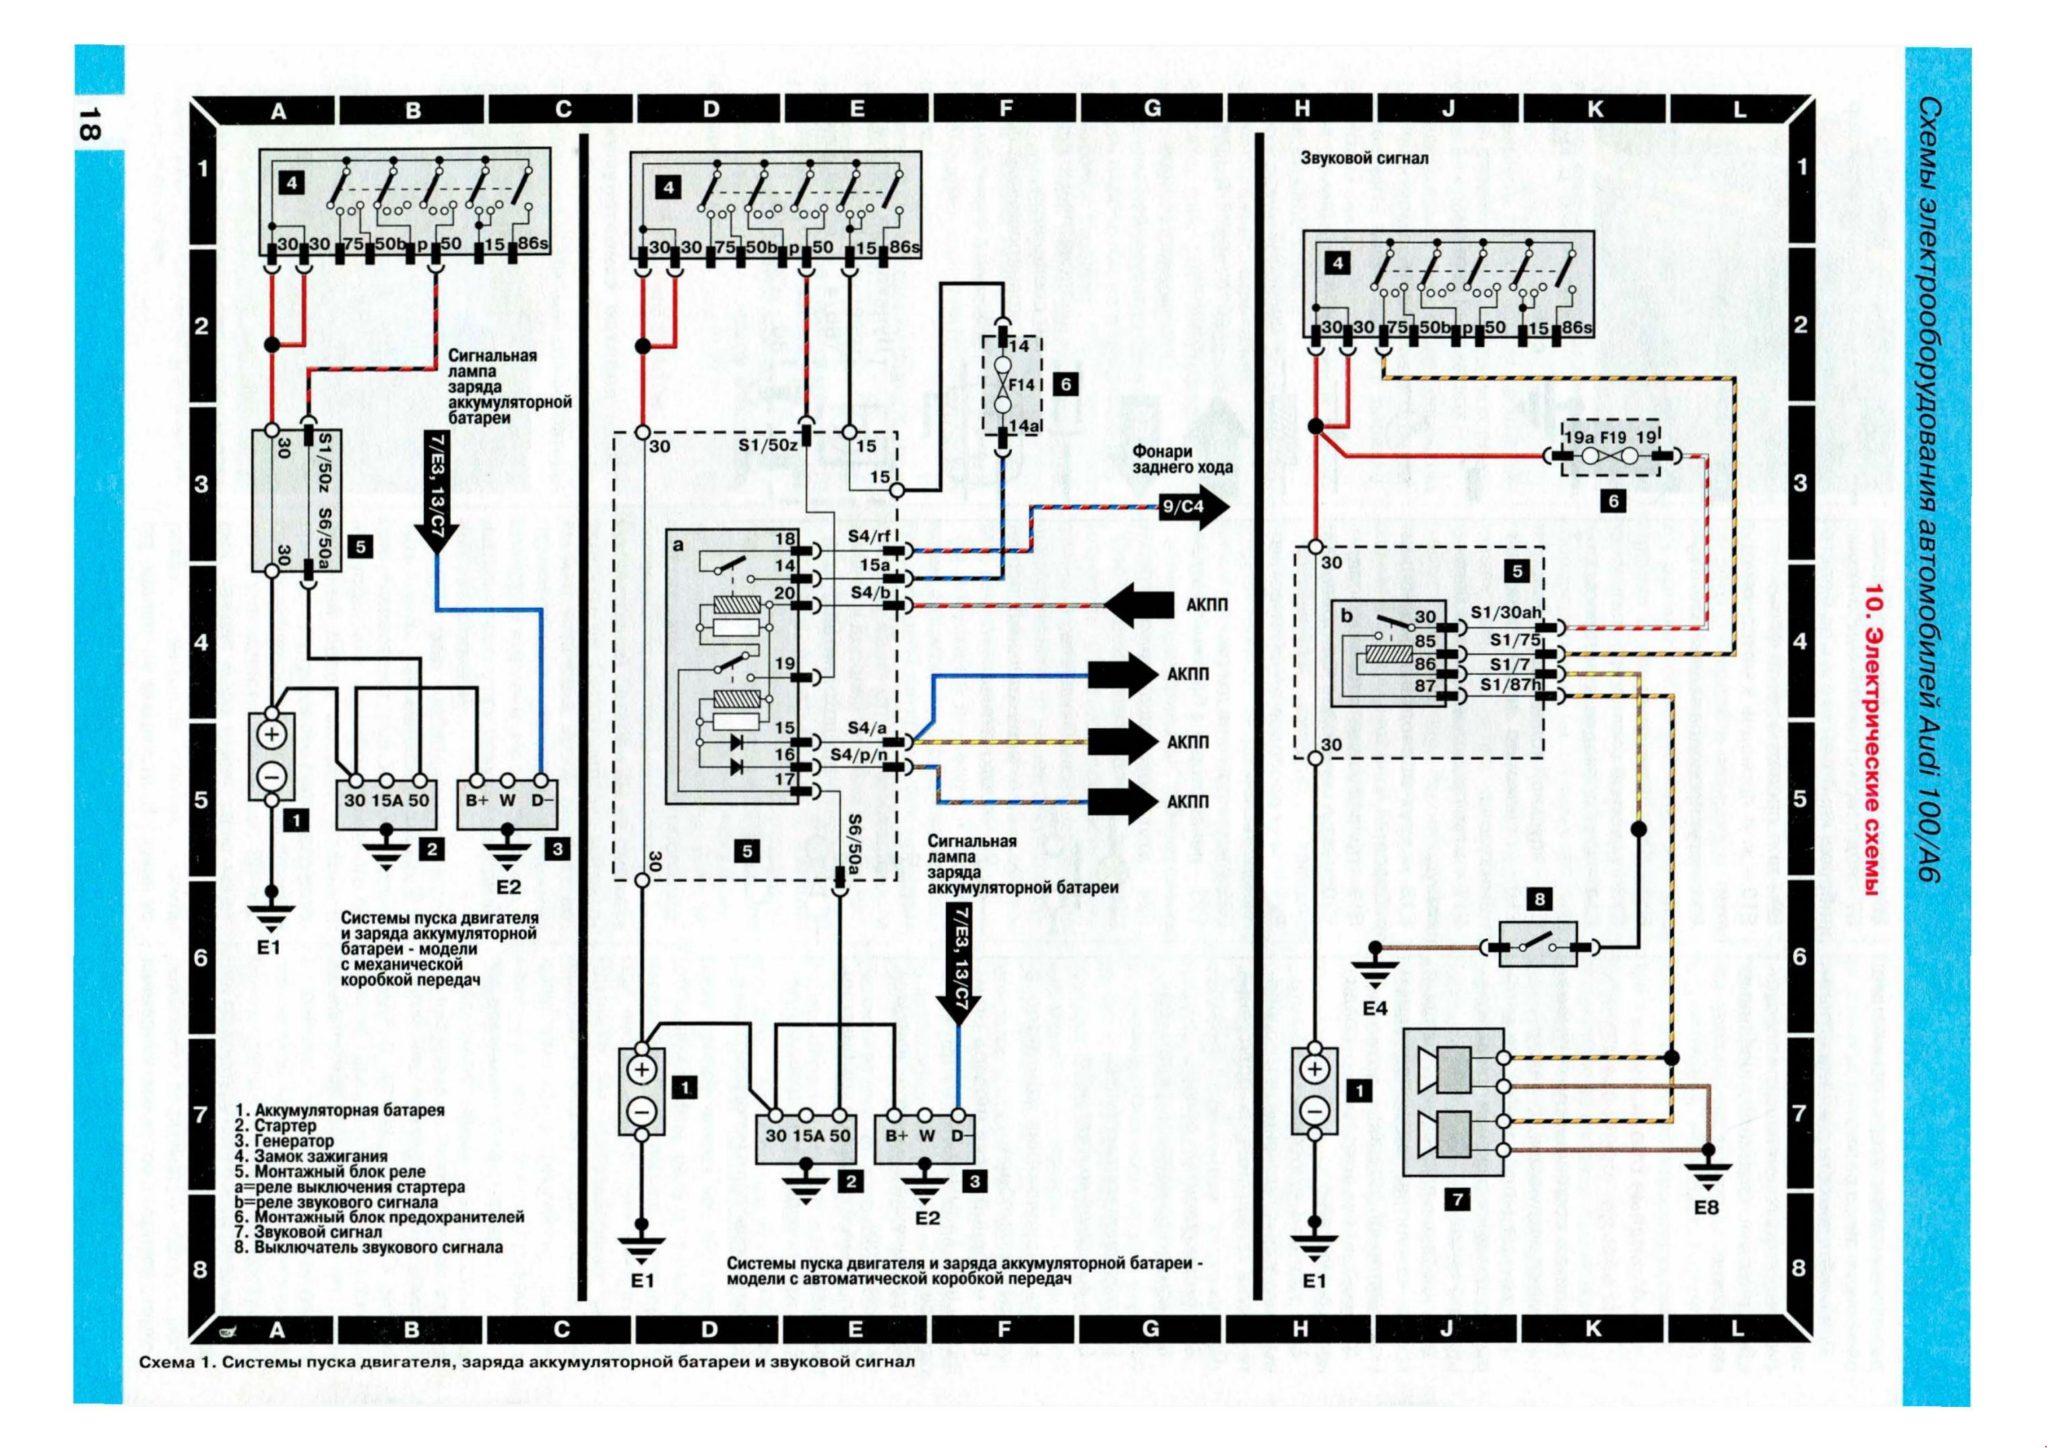 Схема работы климат контроля фото 831